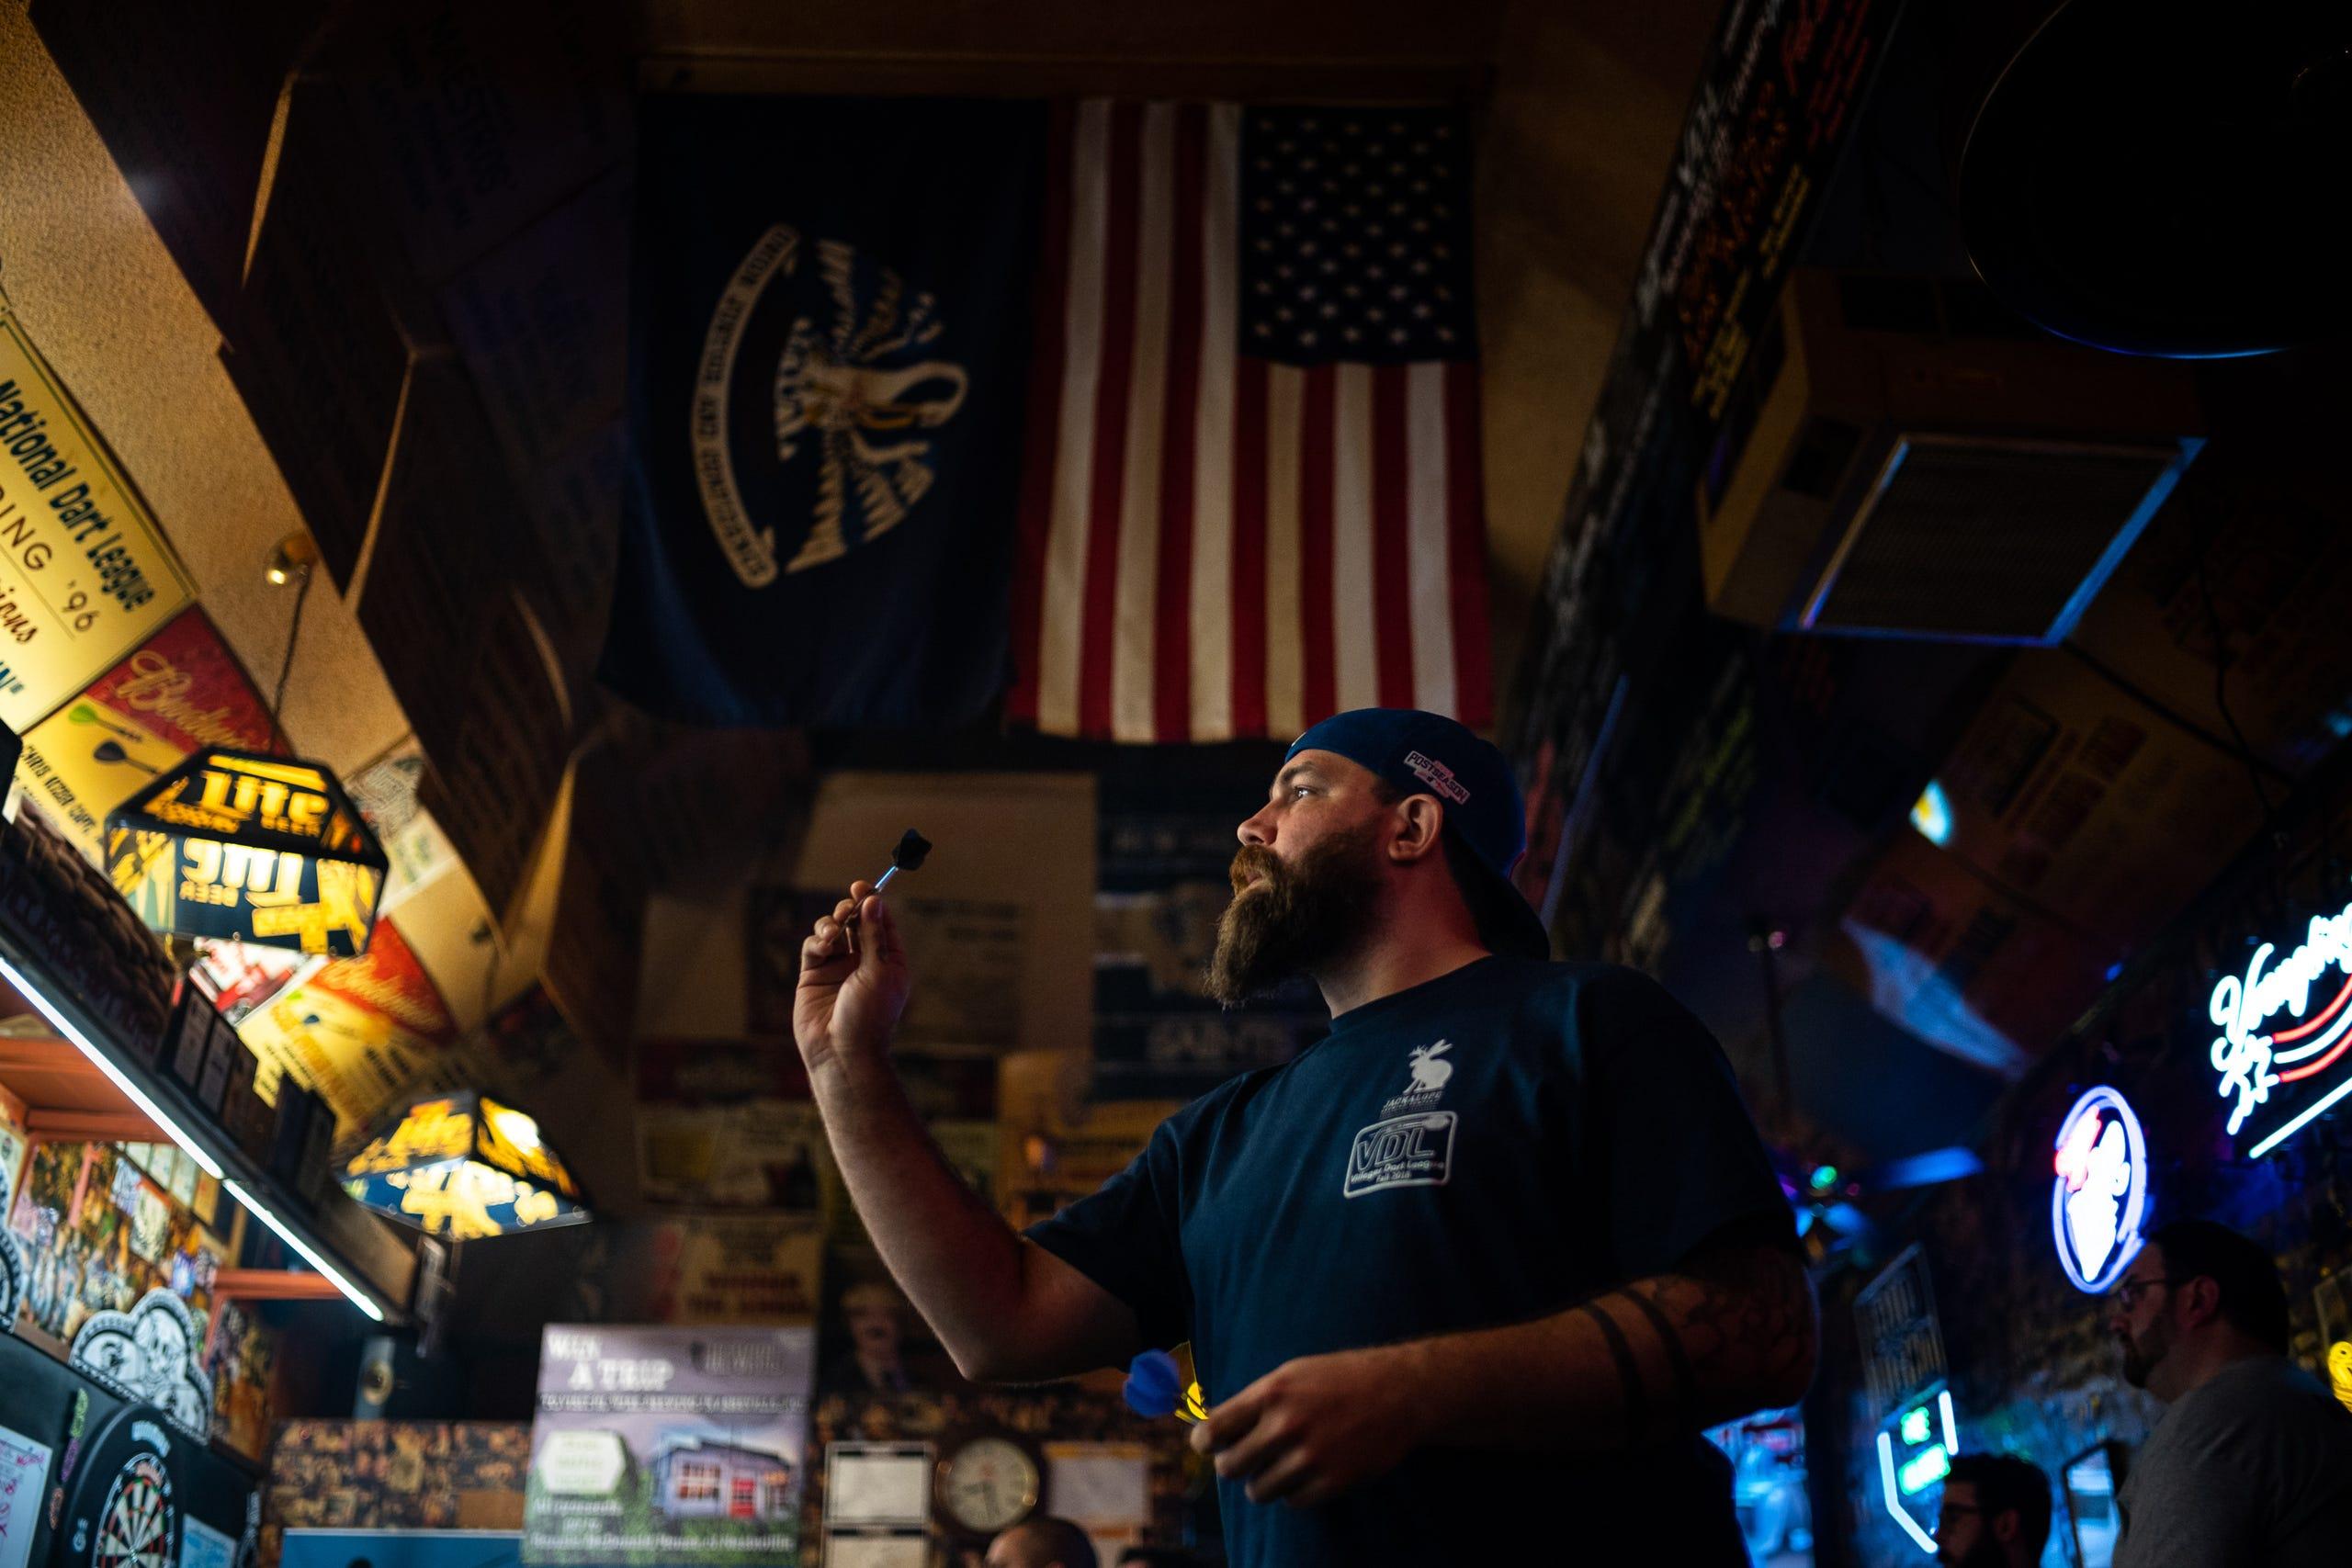 Photos: Darts at The Villager Tavern